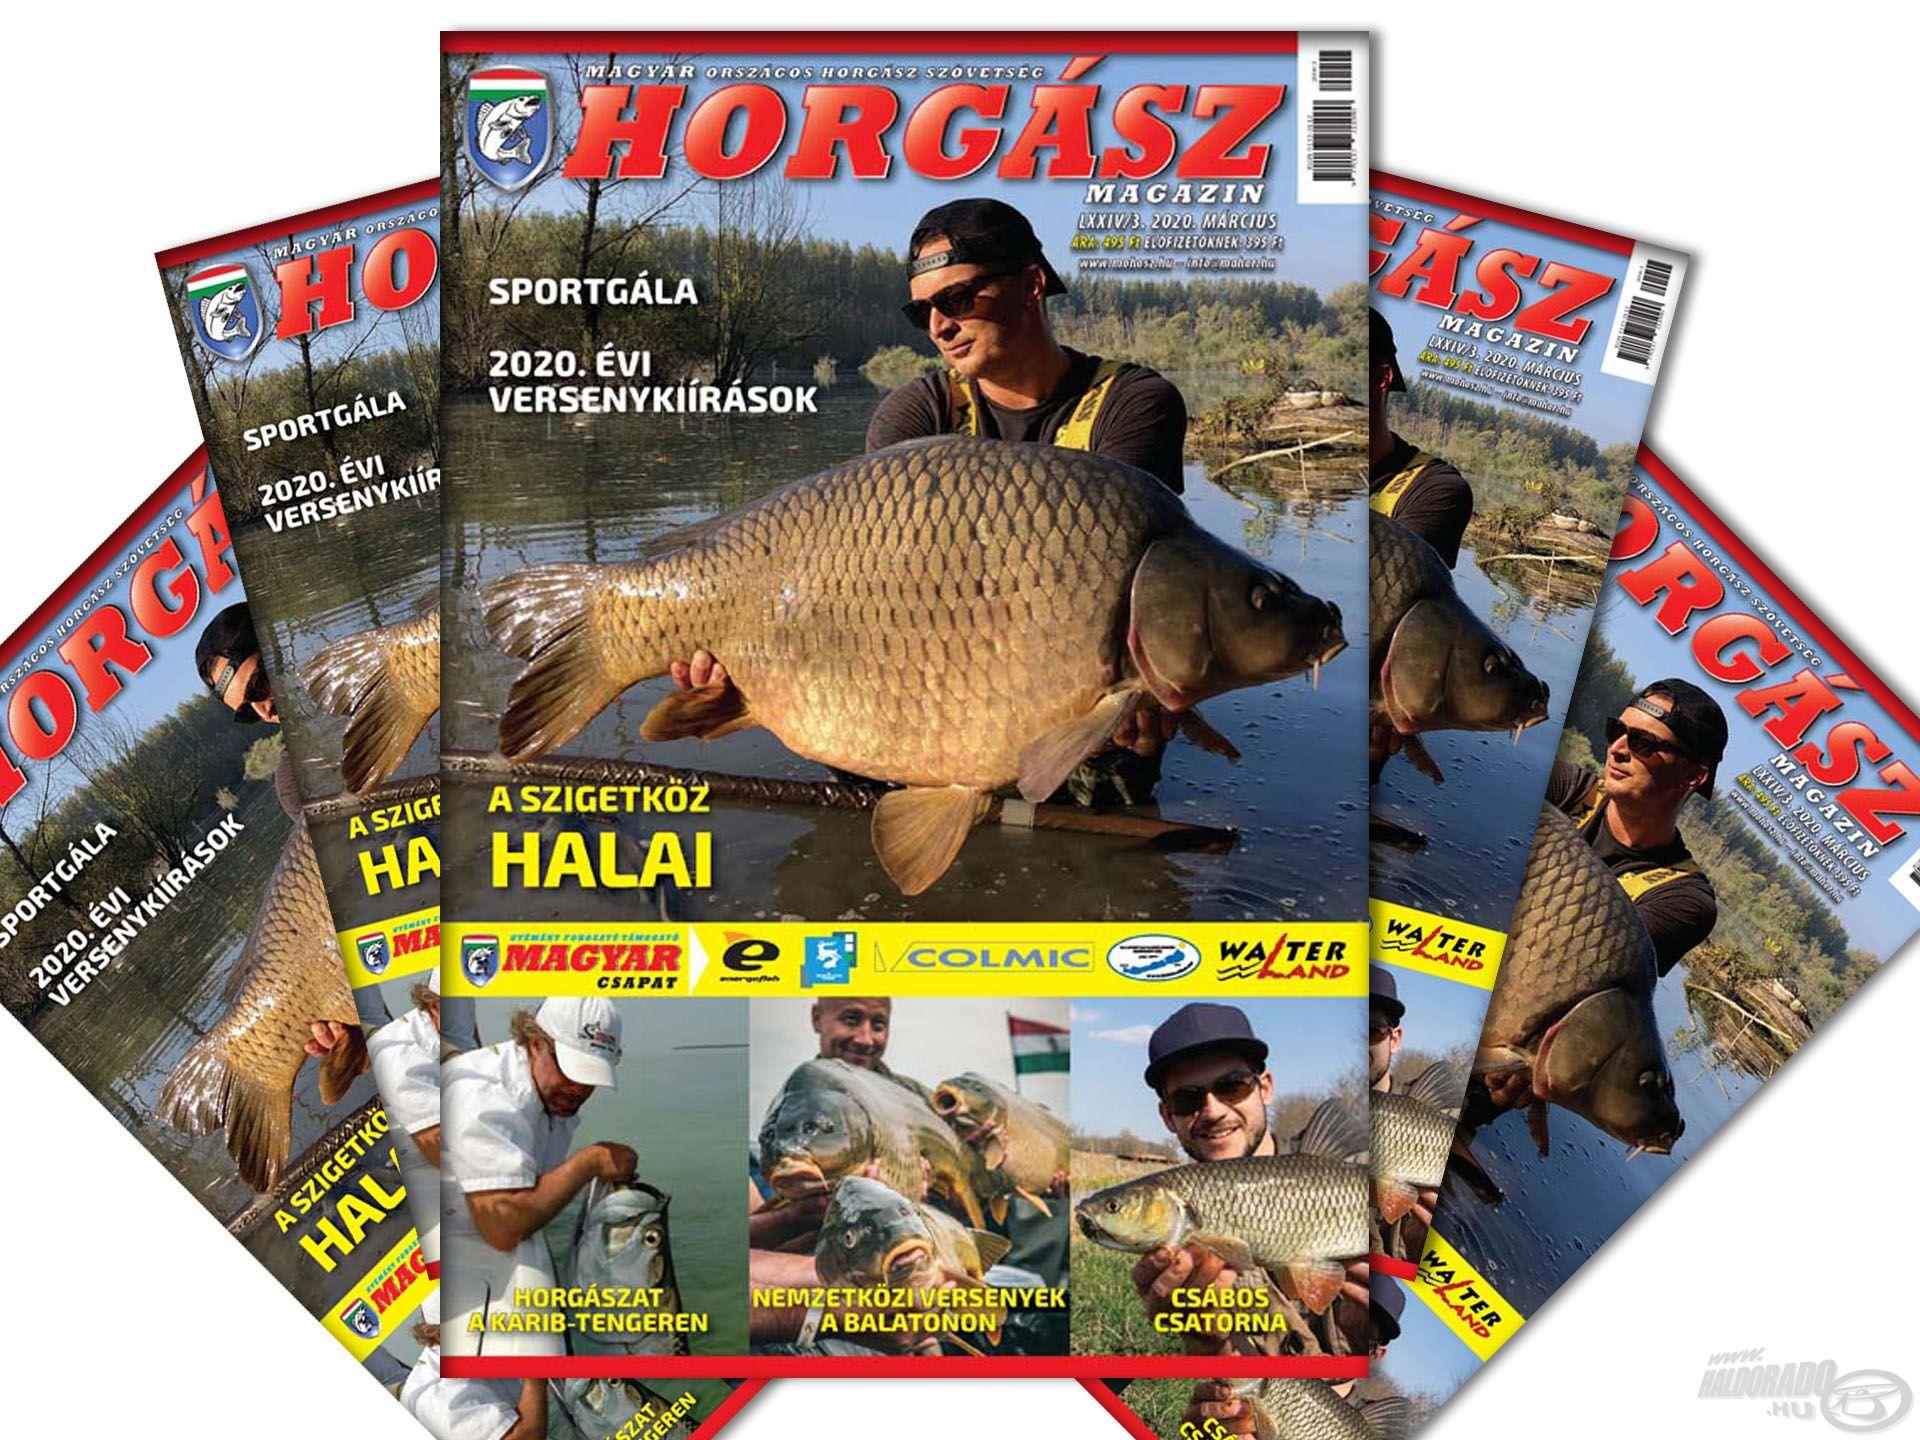 Megjelent a Magyar Horgász 2020. márciusi száma